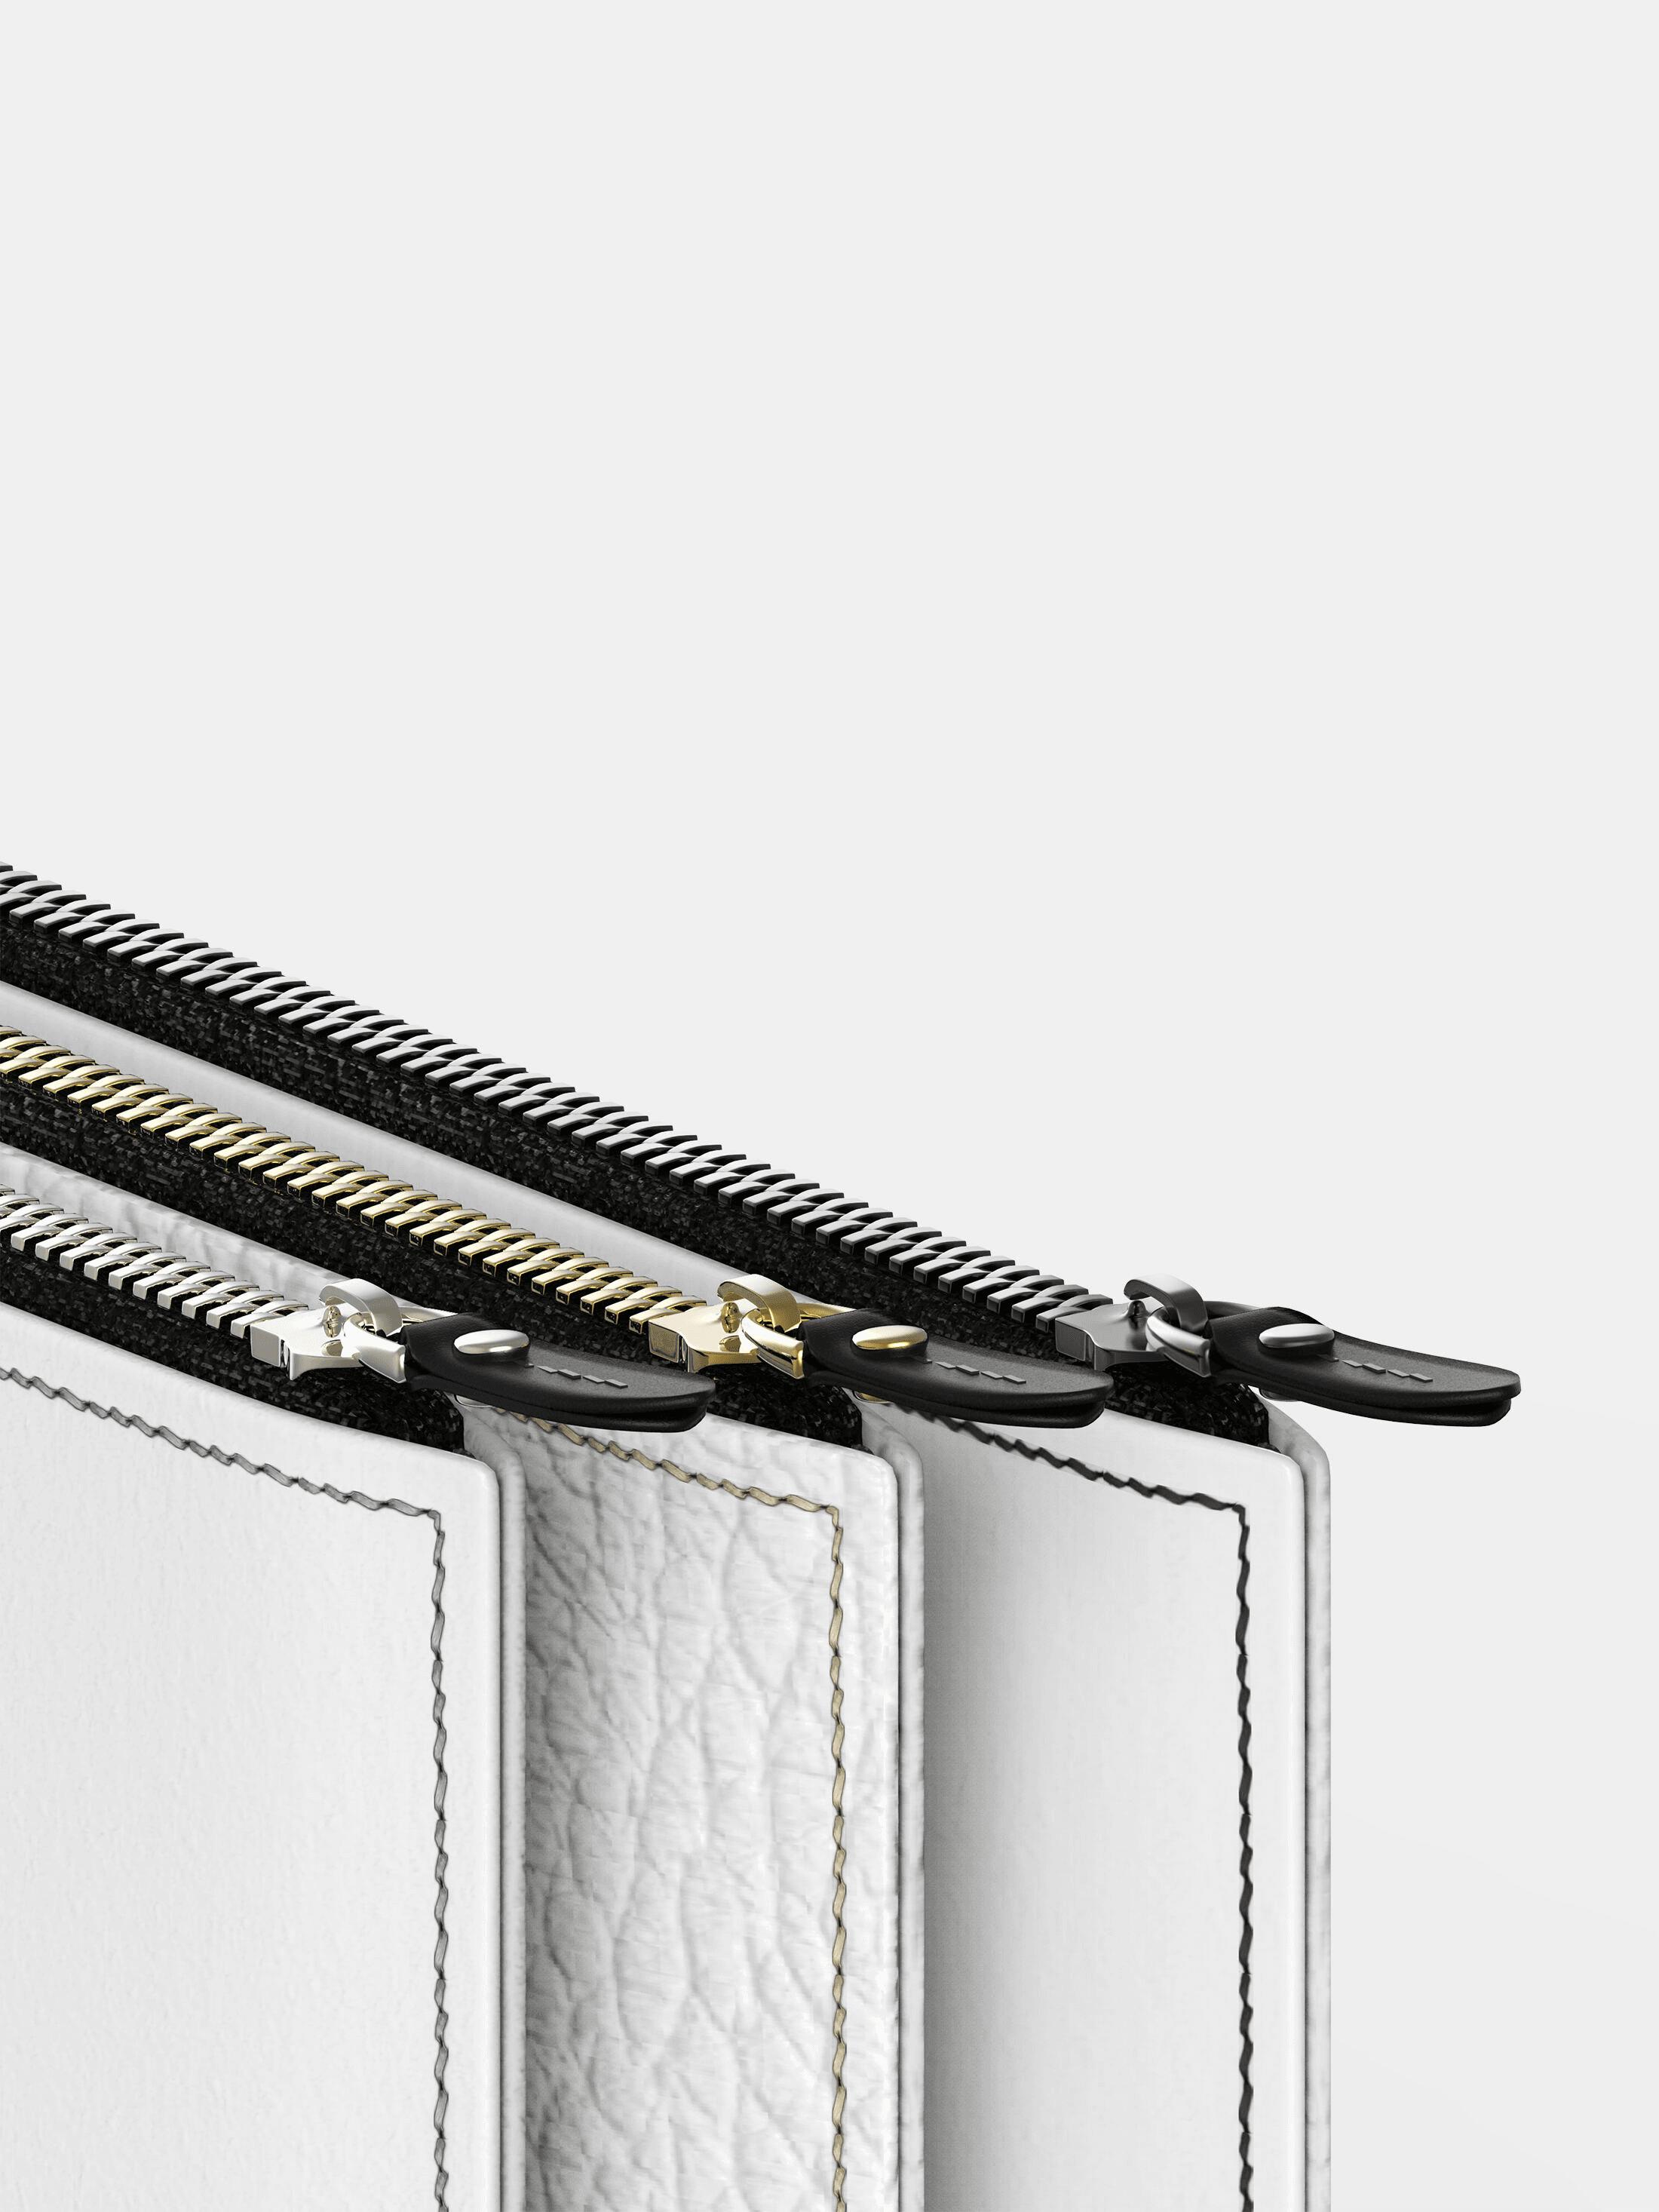 designa din egen läderväska blixtlås